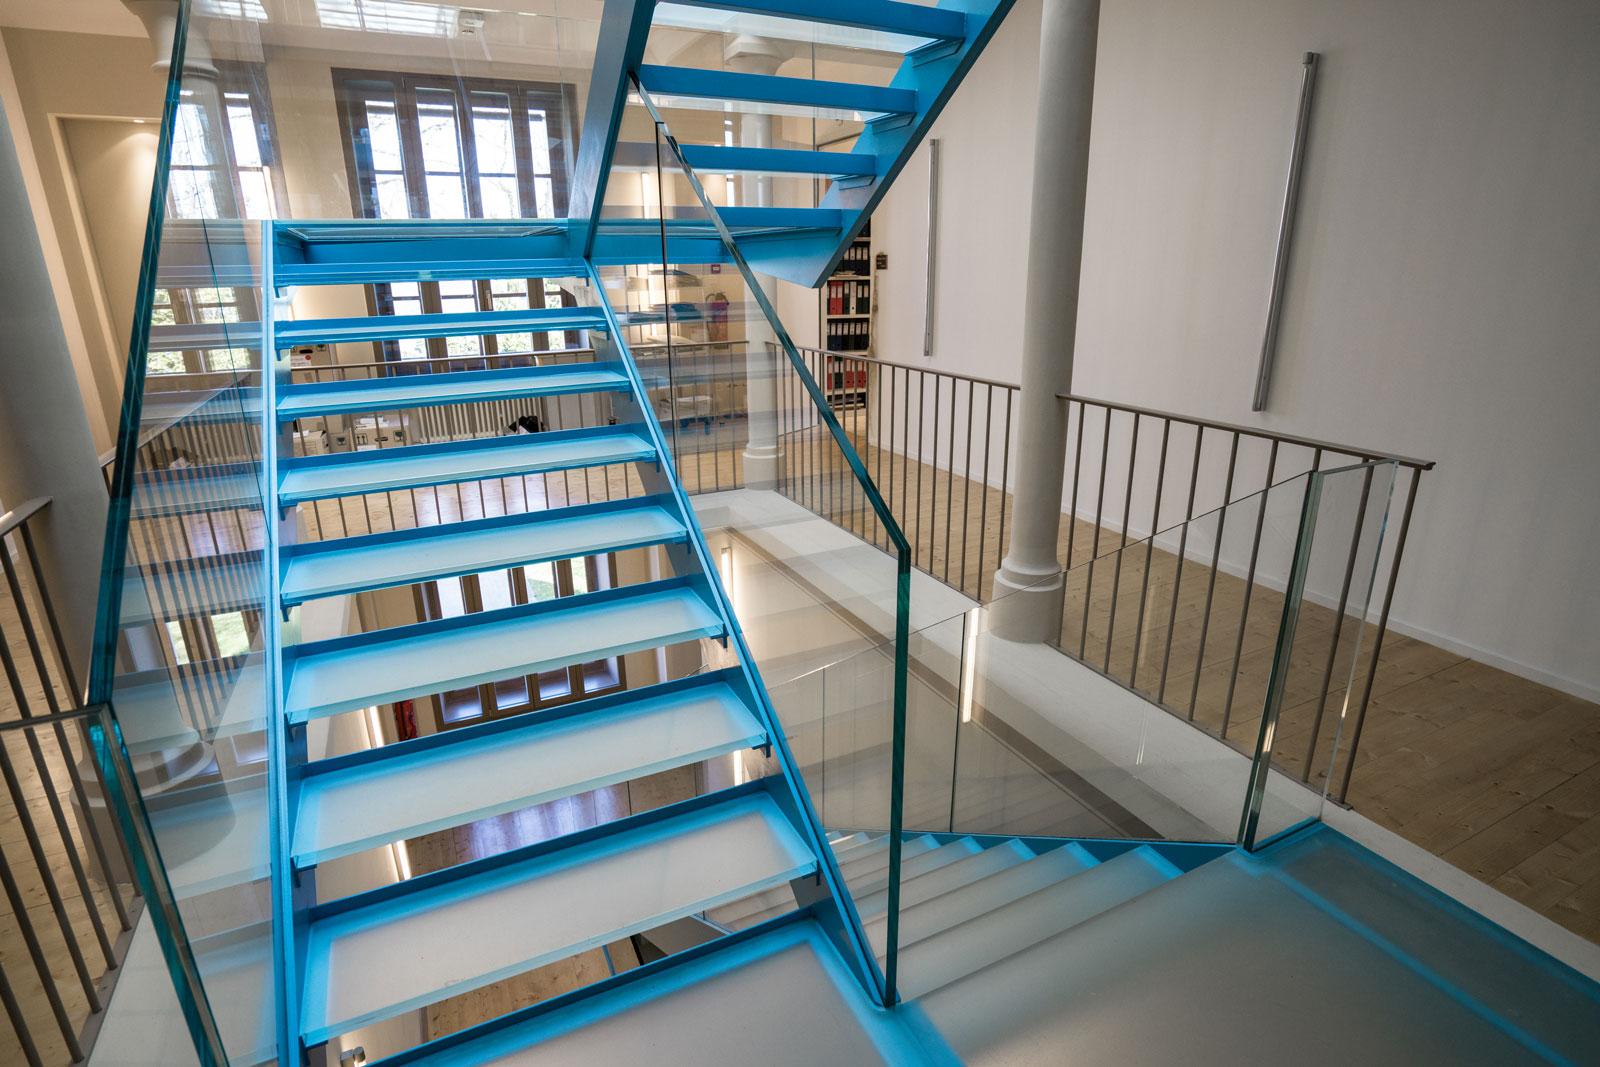 Escaliers garde-corps intérieur